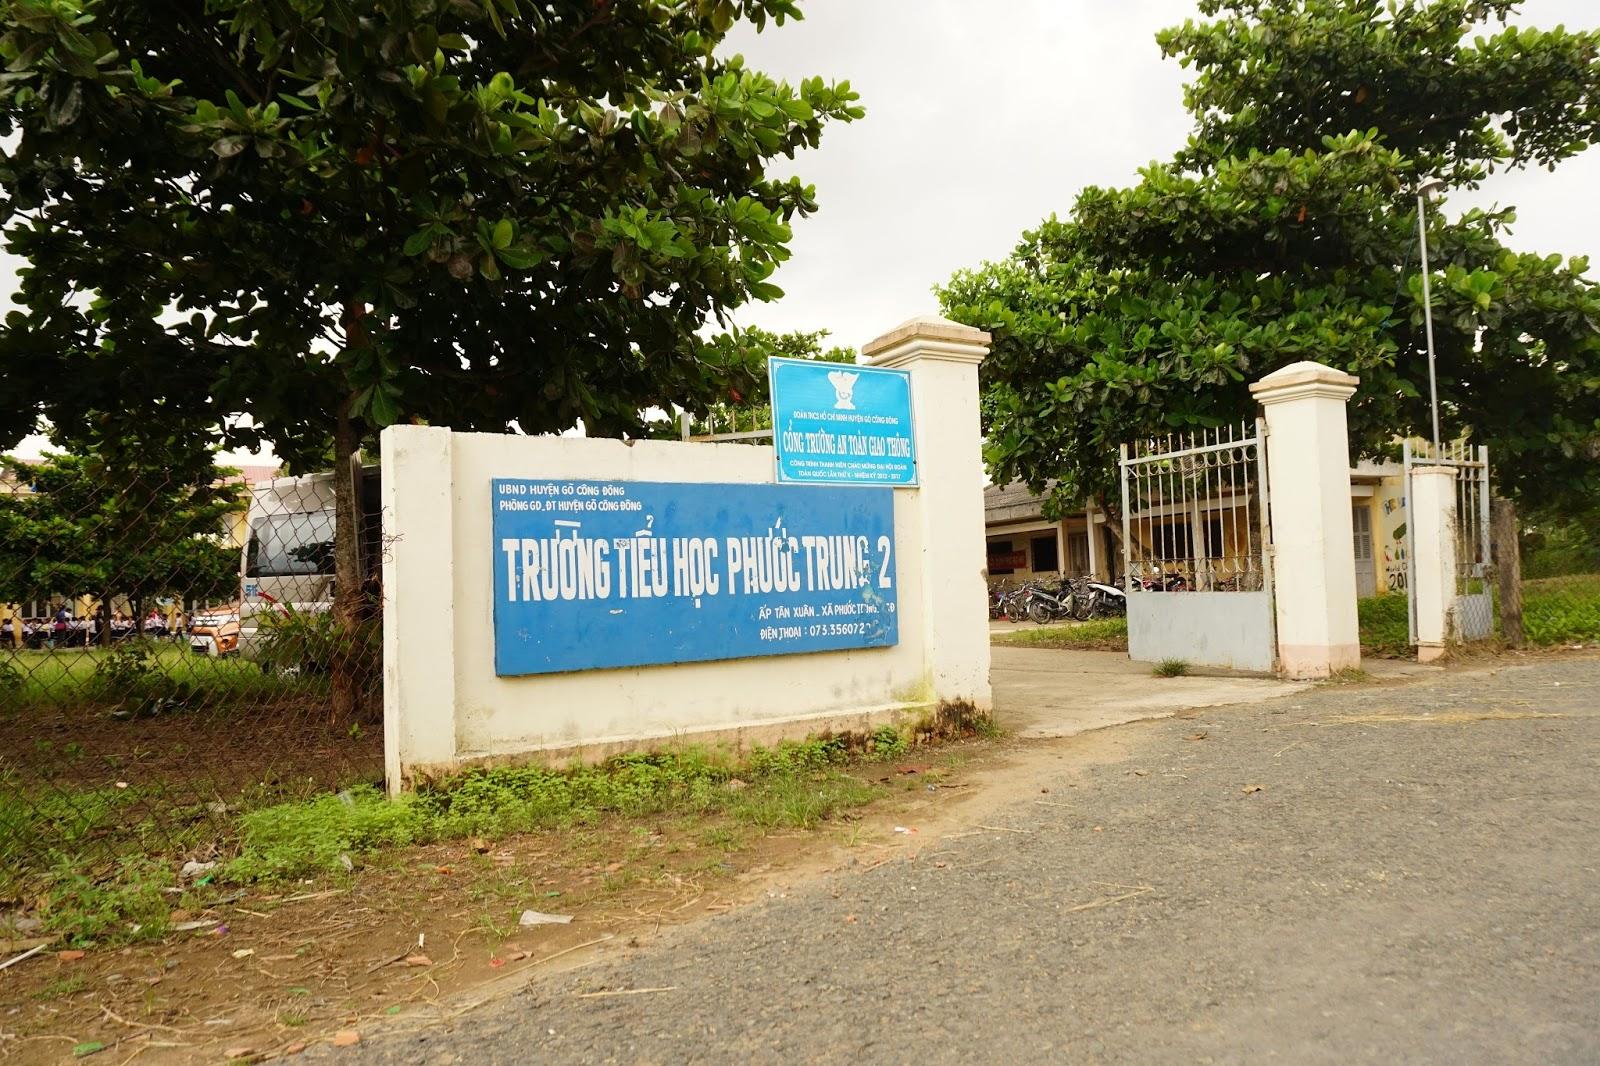 Ngôi trường tiểu học nhỏ Phước Trung 2, thuộc xã Phước Trung, huyện Gò Công Đông